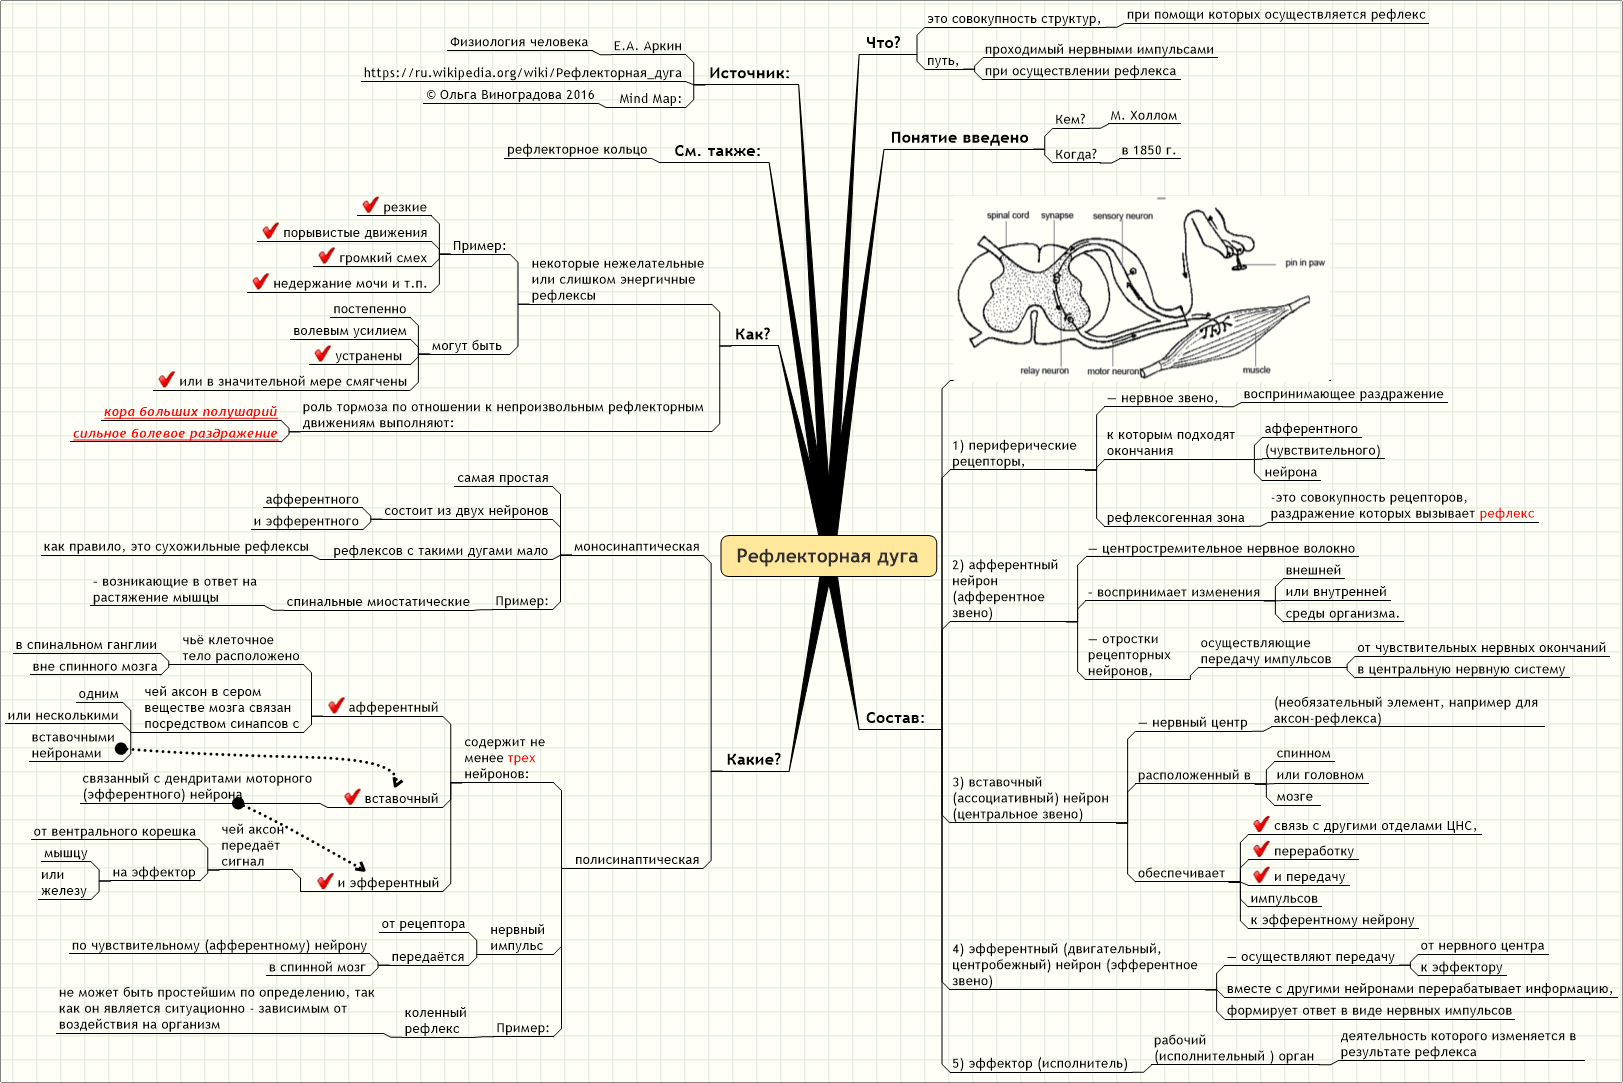 Схема движения нервного импульса по рефлекторной дуге